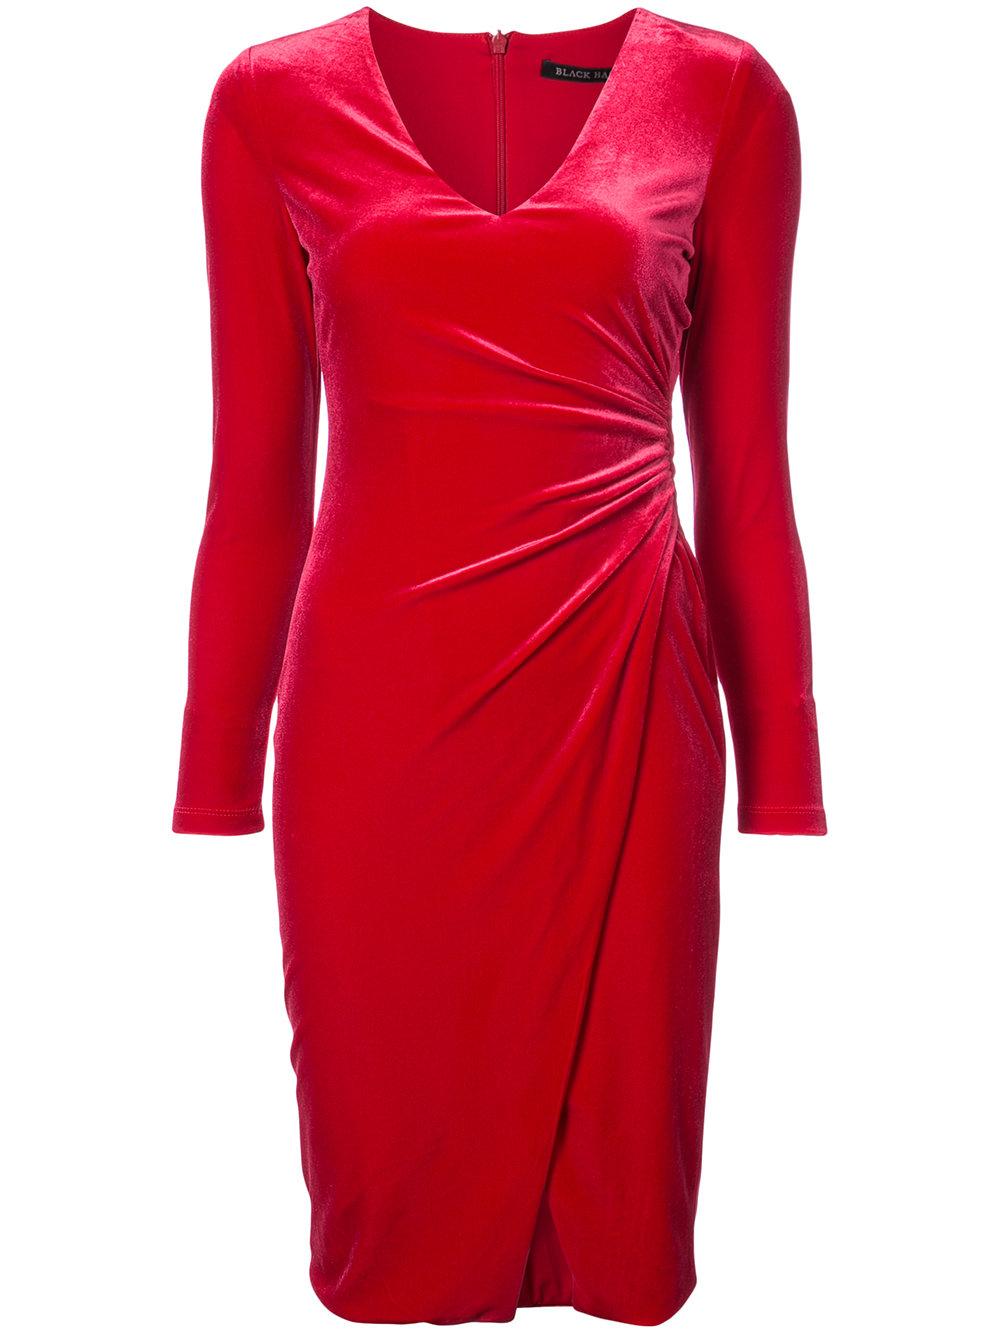 BLACK HALO velvet dress - $375